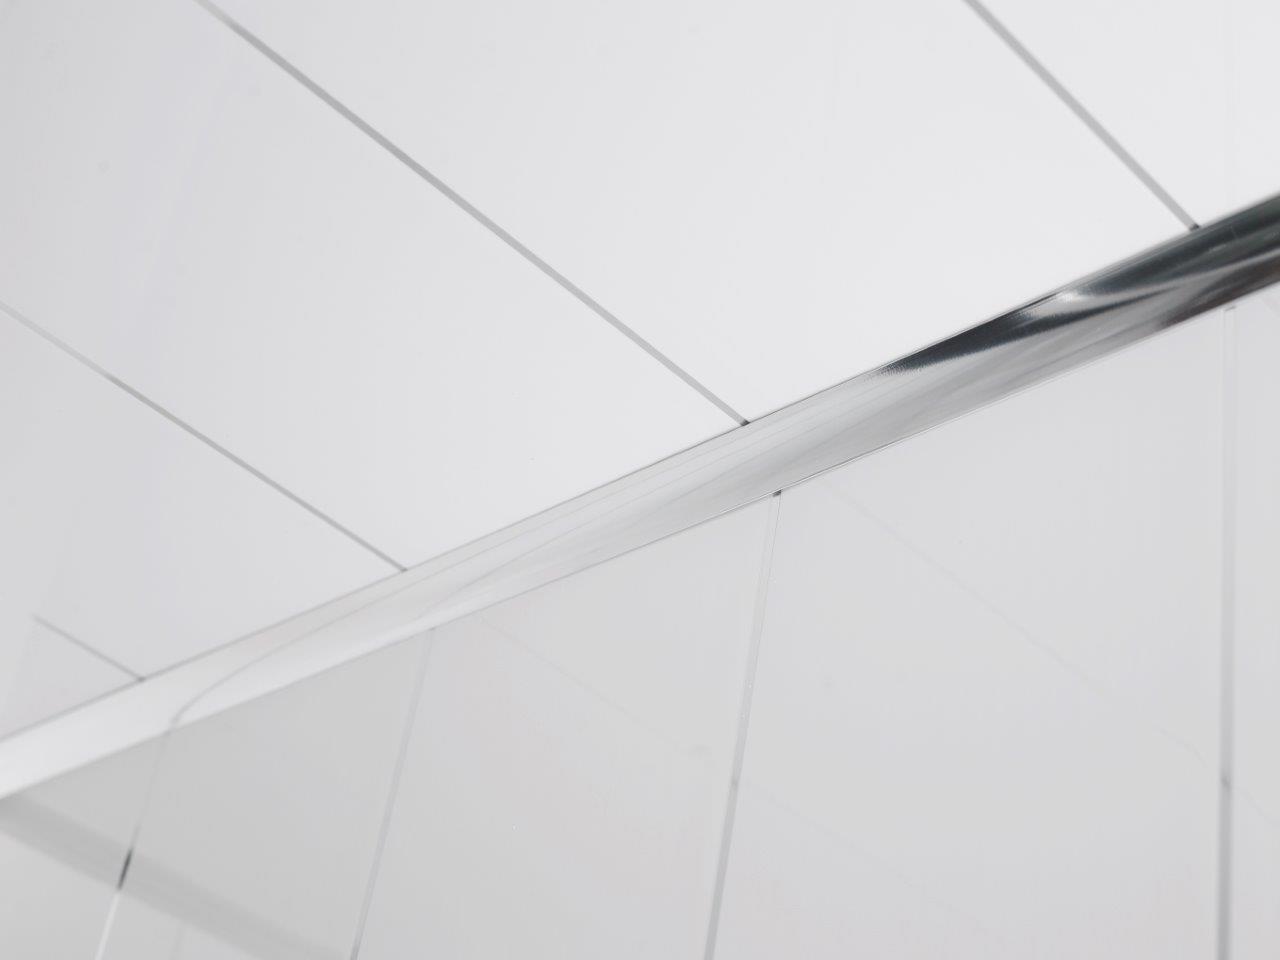 Plastic bathroom ceiling cladding - Whites